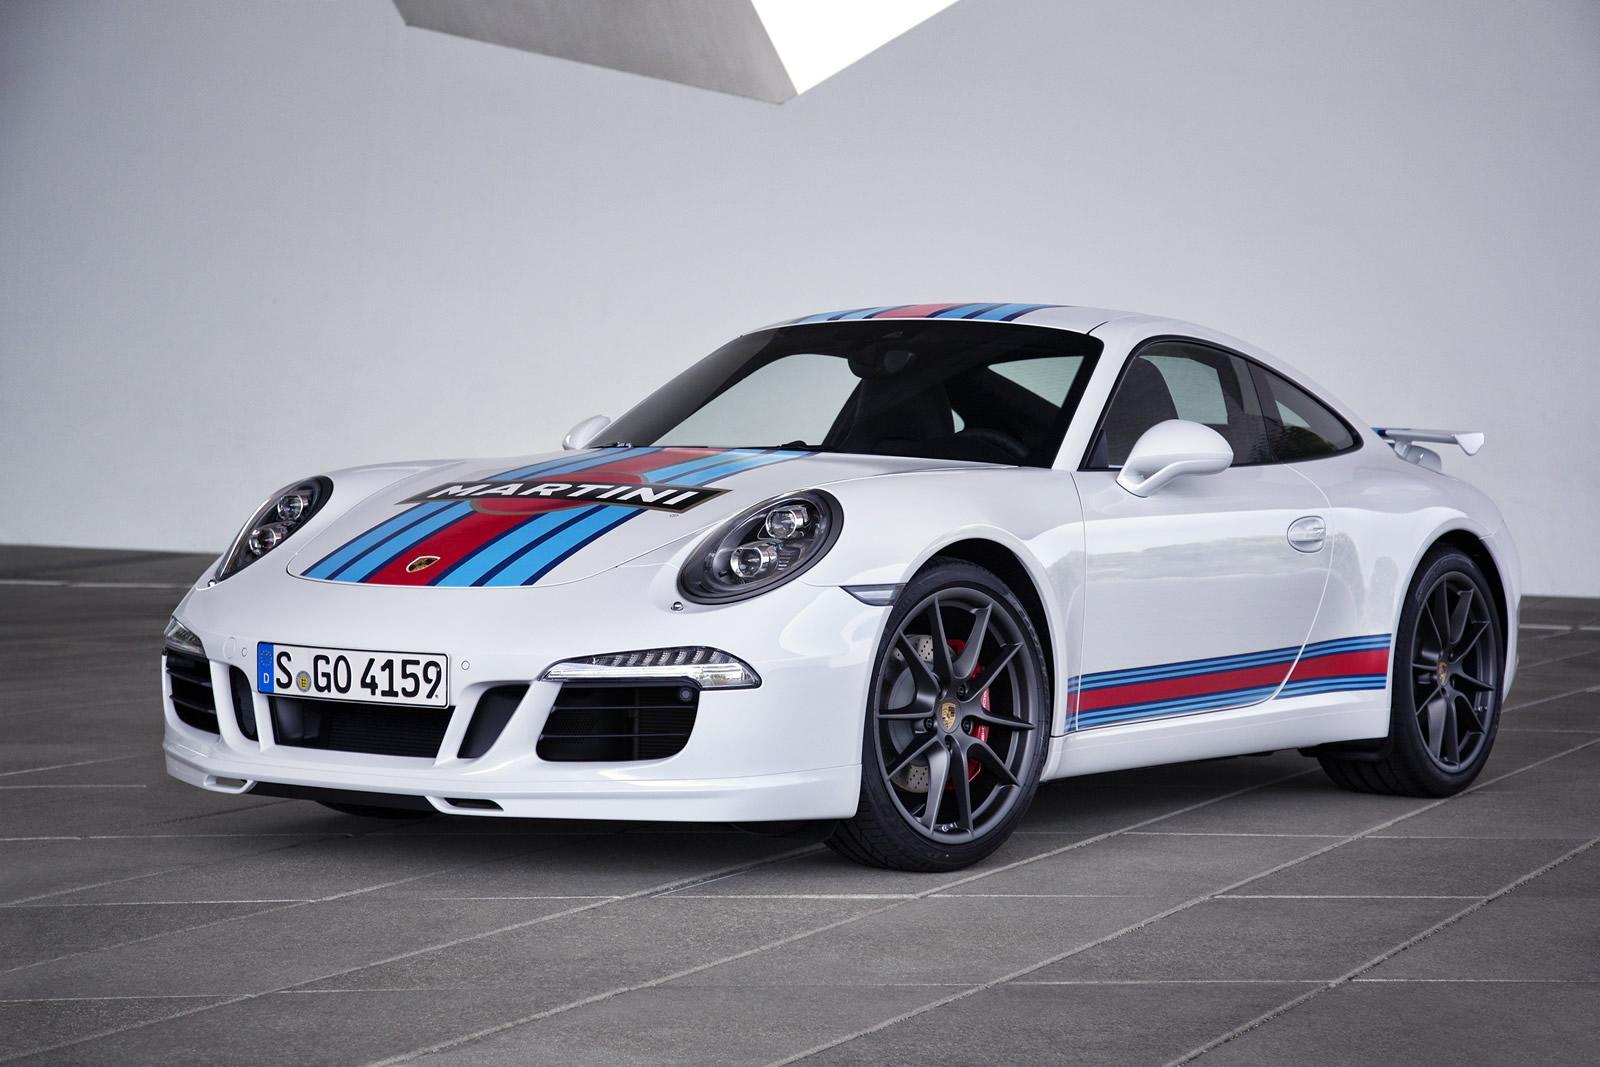 Porsche 911 S Martini Racing Edition A Le Mans Return Appetizer